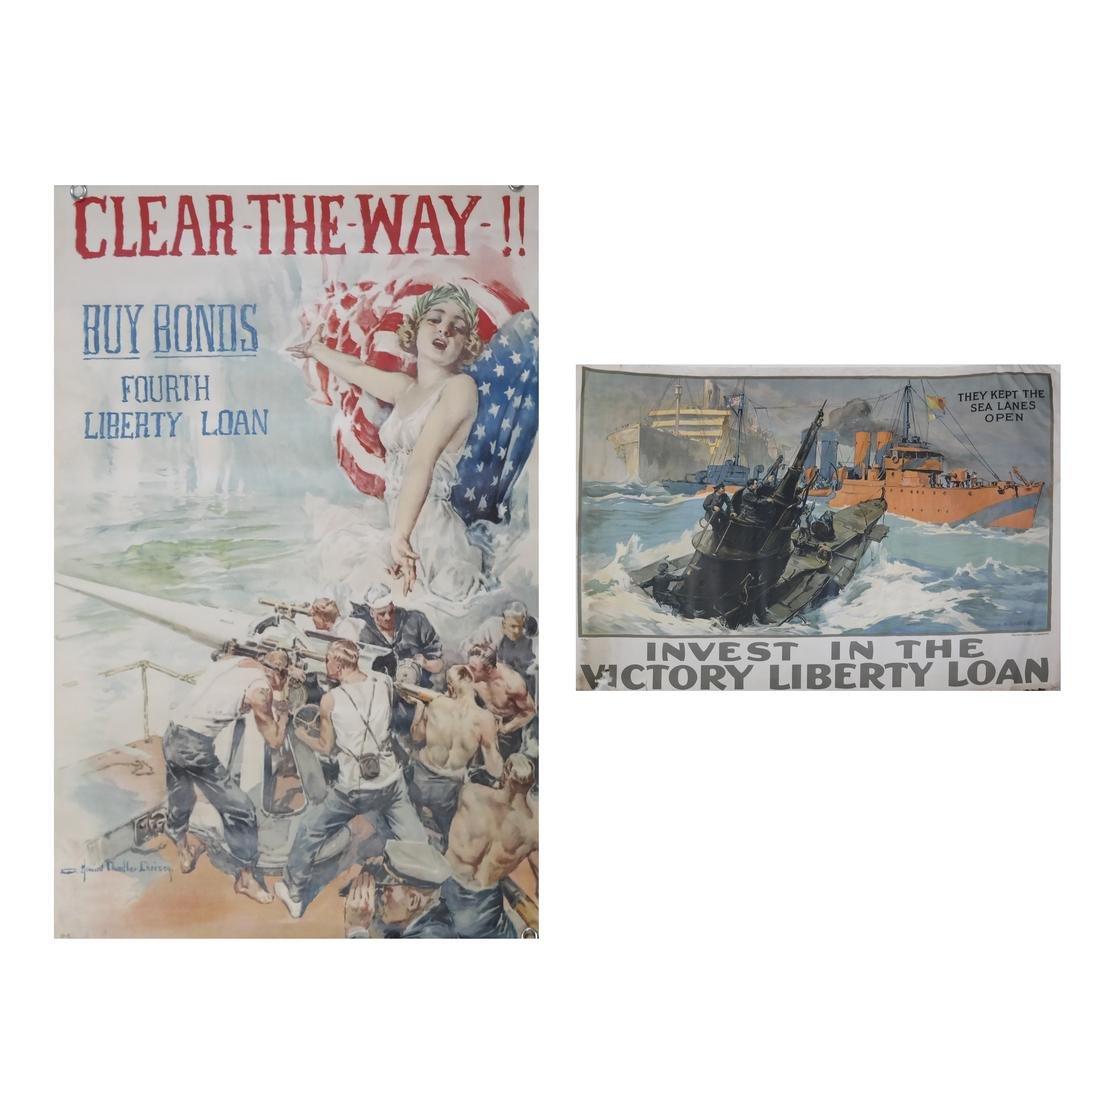 WORLS WAR I U.S. NAVAL THEME POSTERS